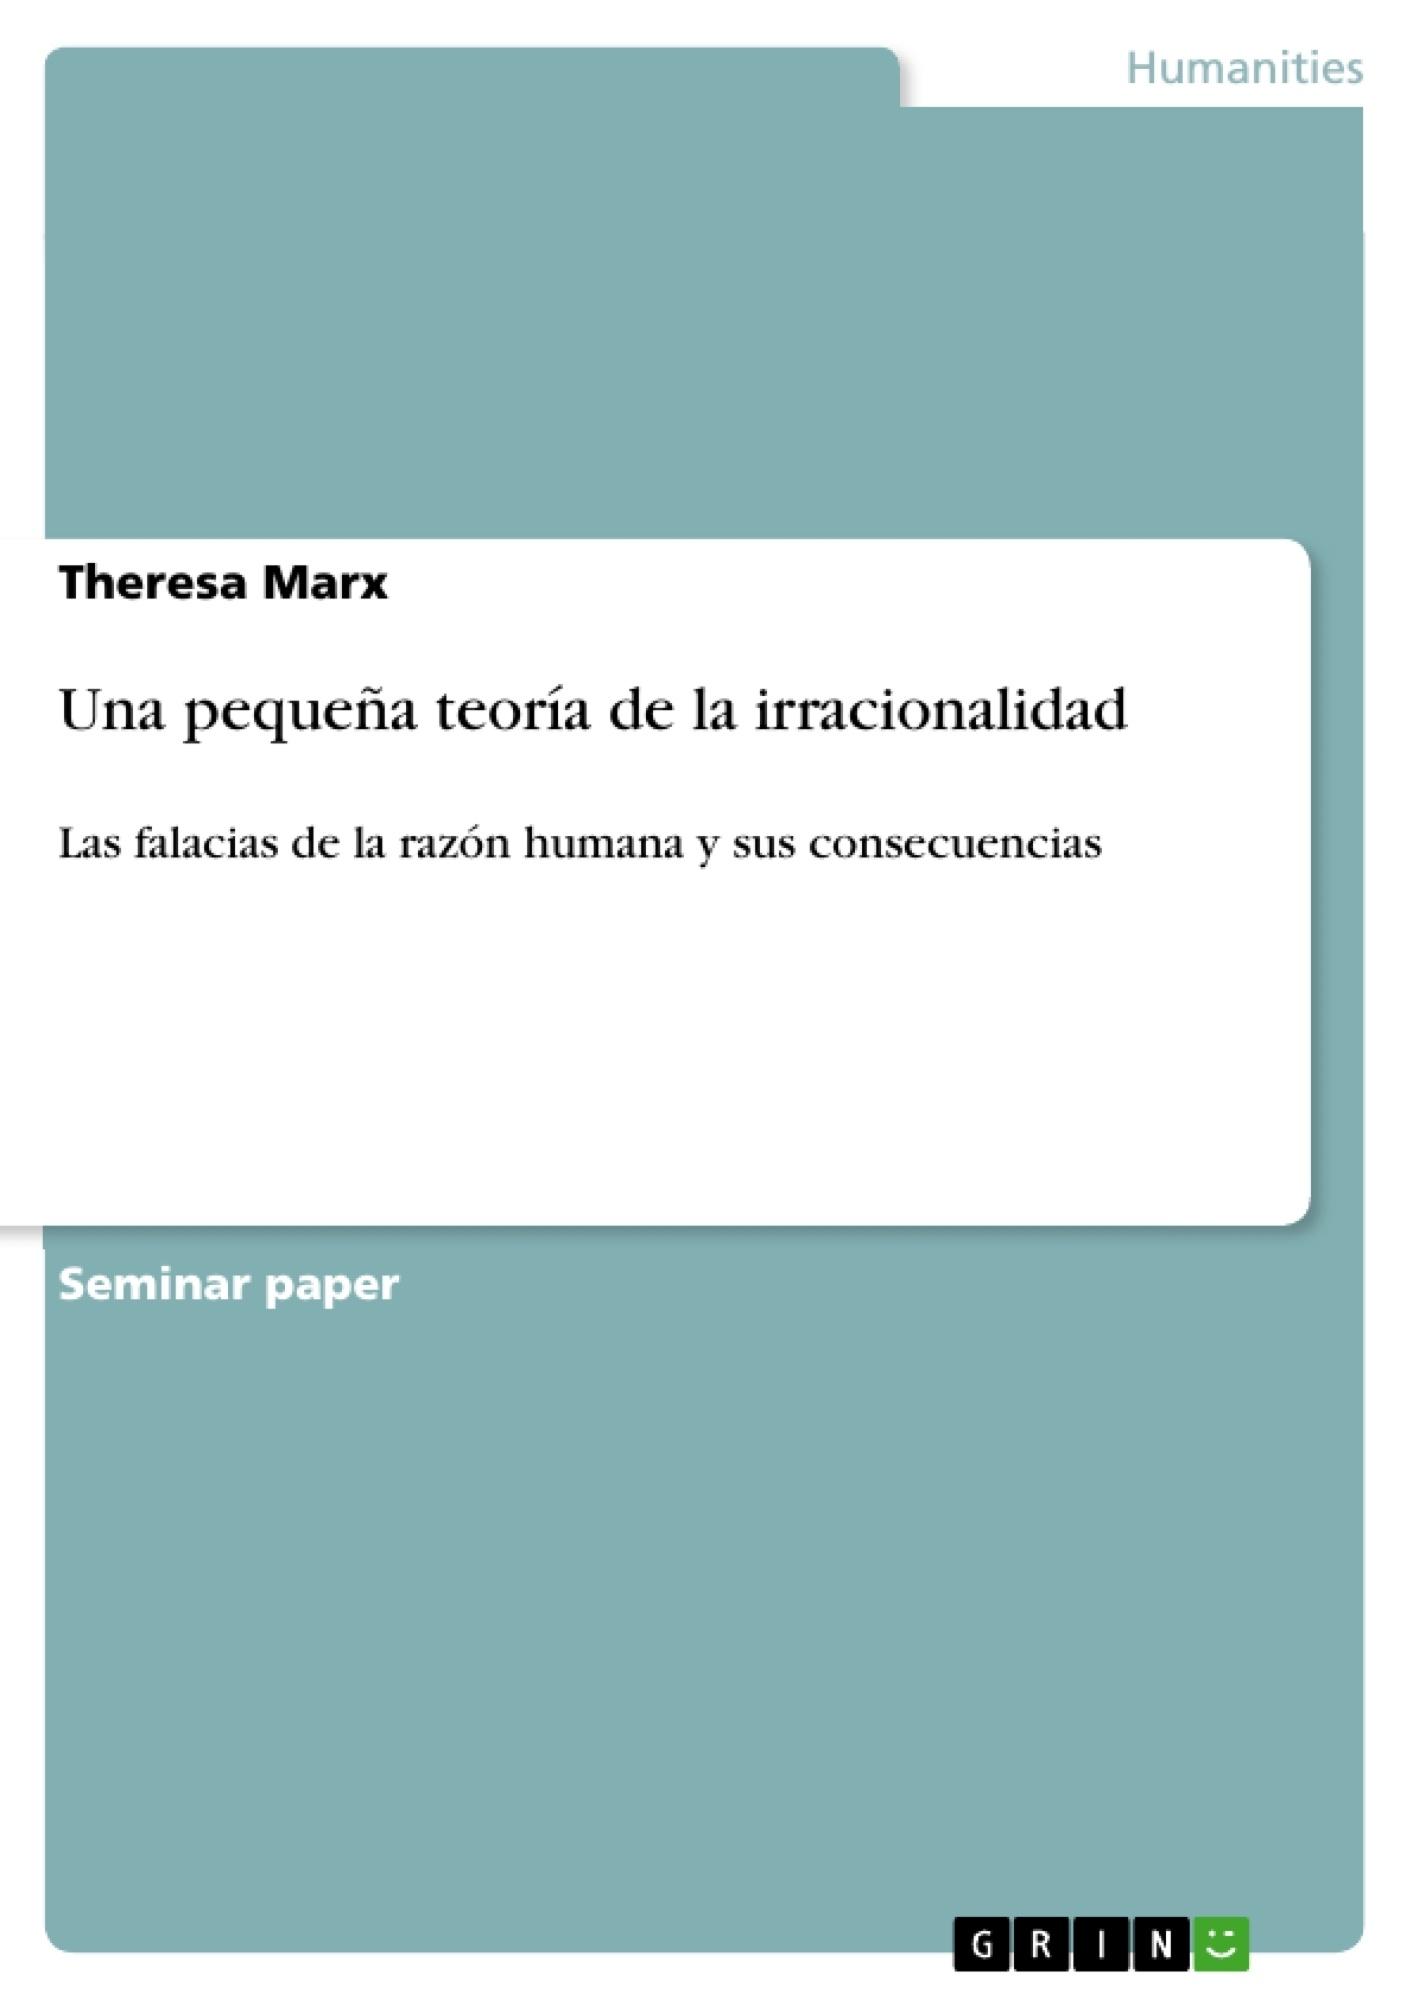 Título: Una pequeña teoría de la irracionalidad